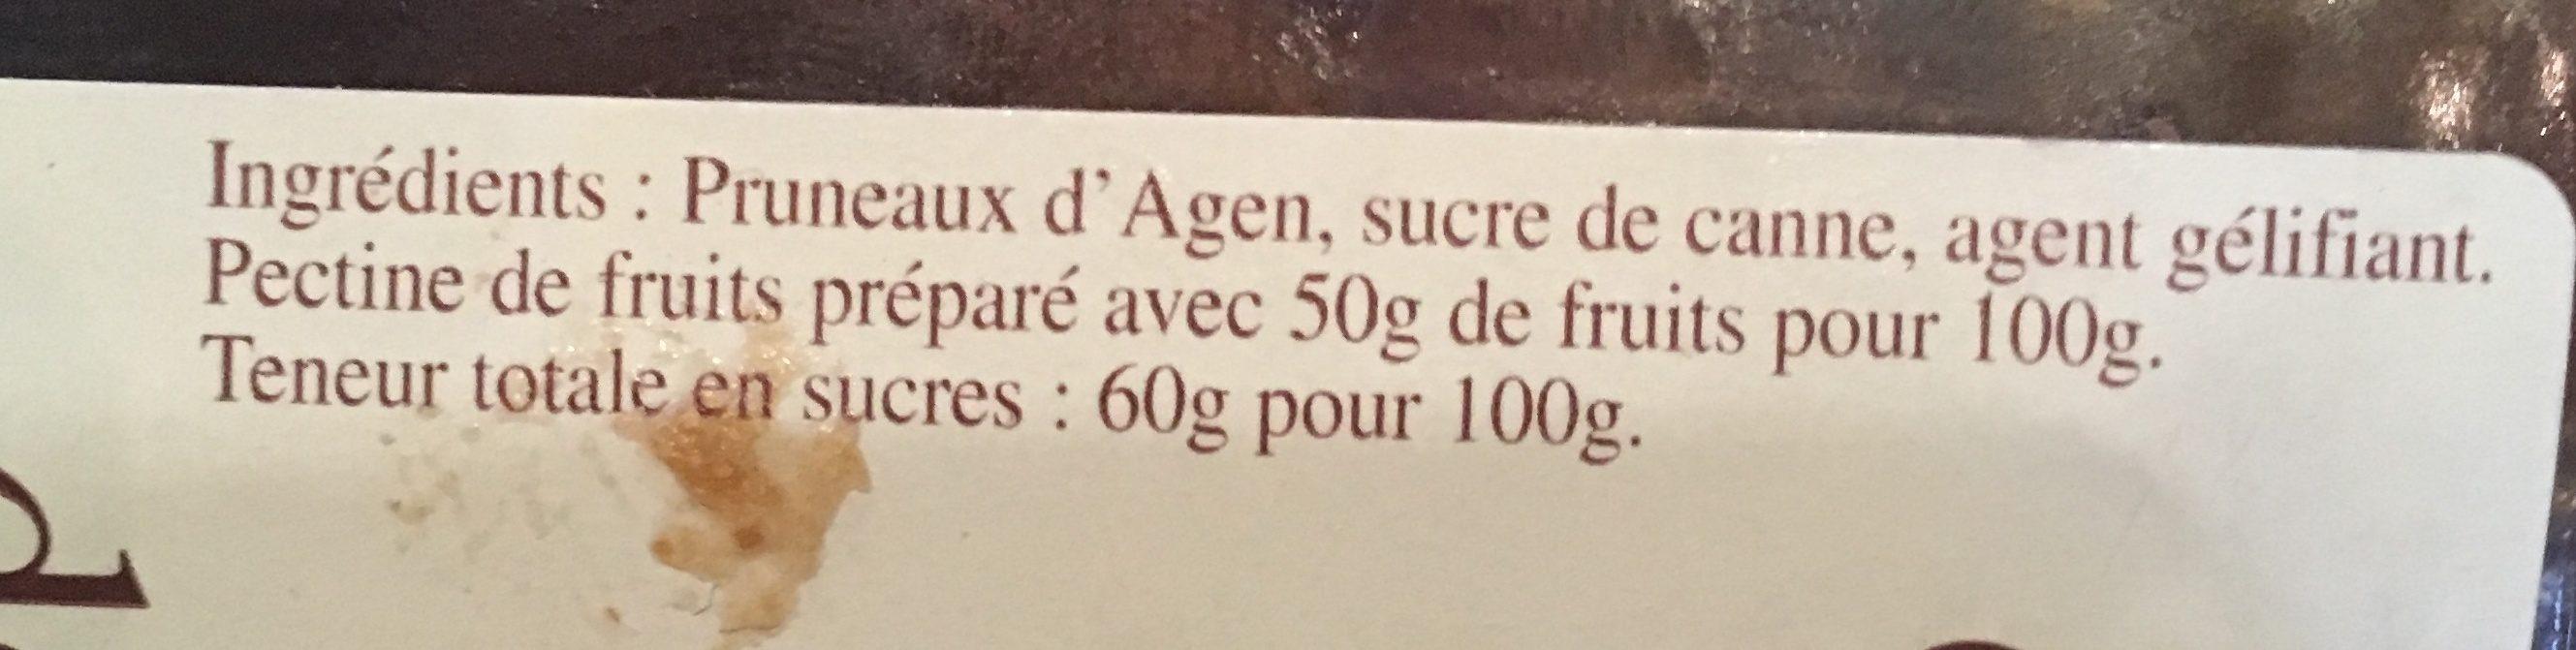 Crème de pruneaux d'Agen - Ingrédients